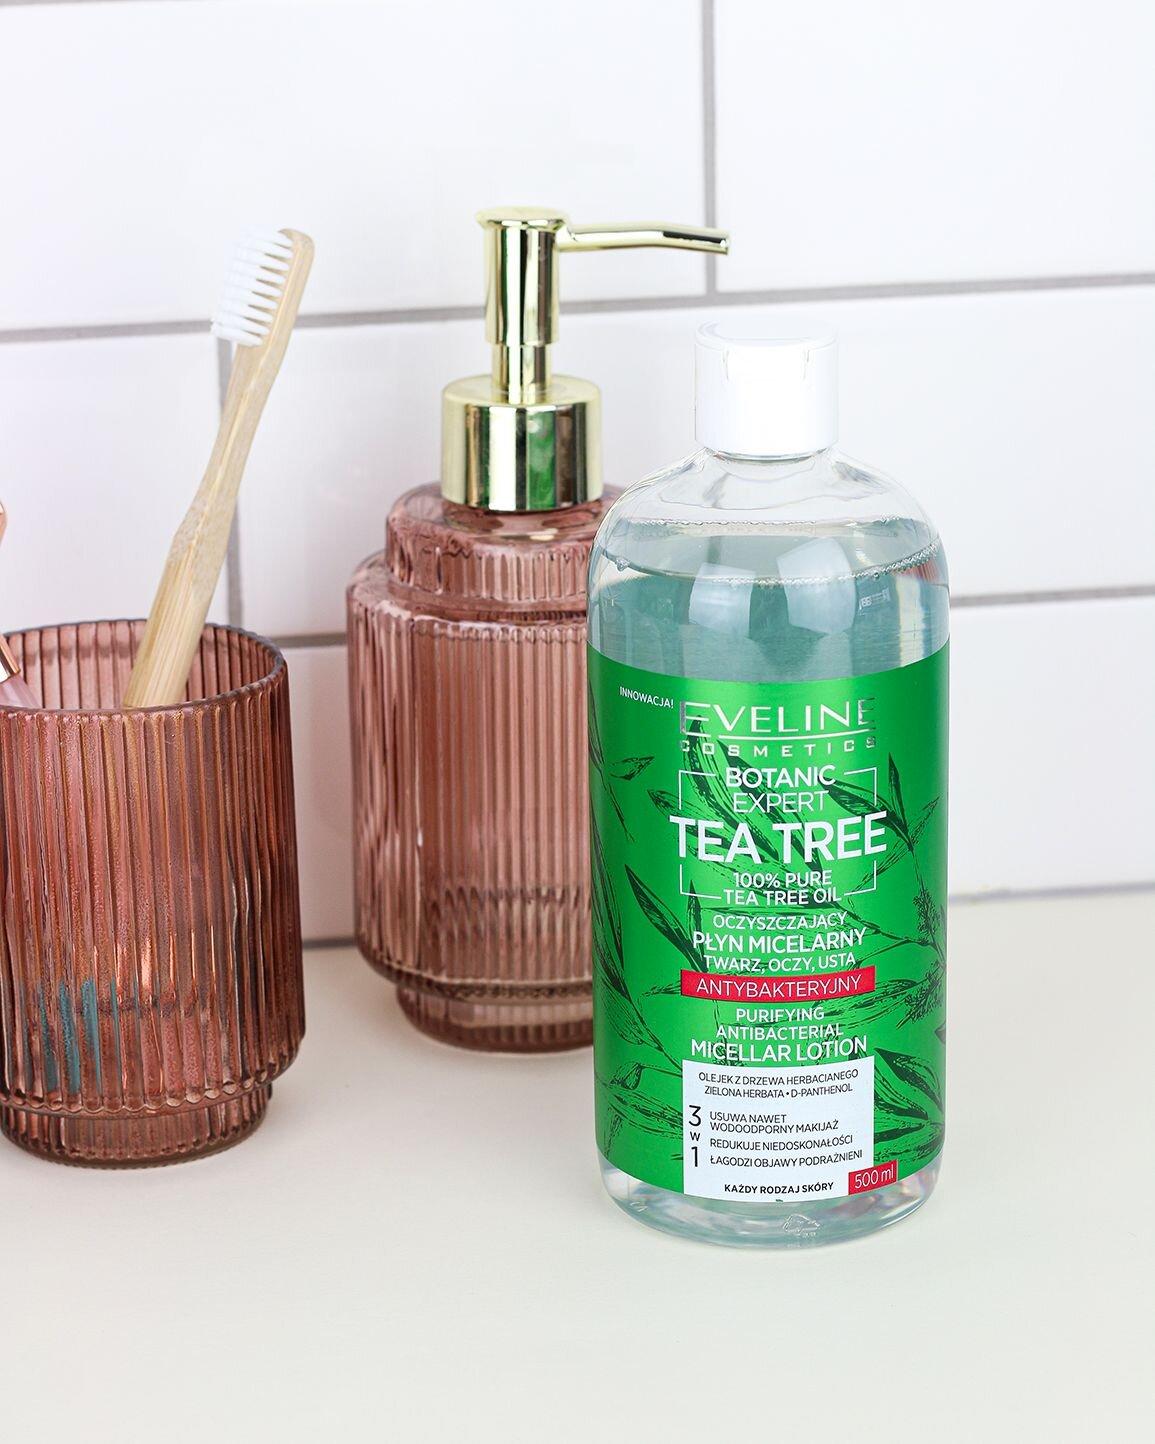 Eveline Tea Tree